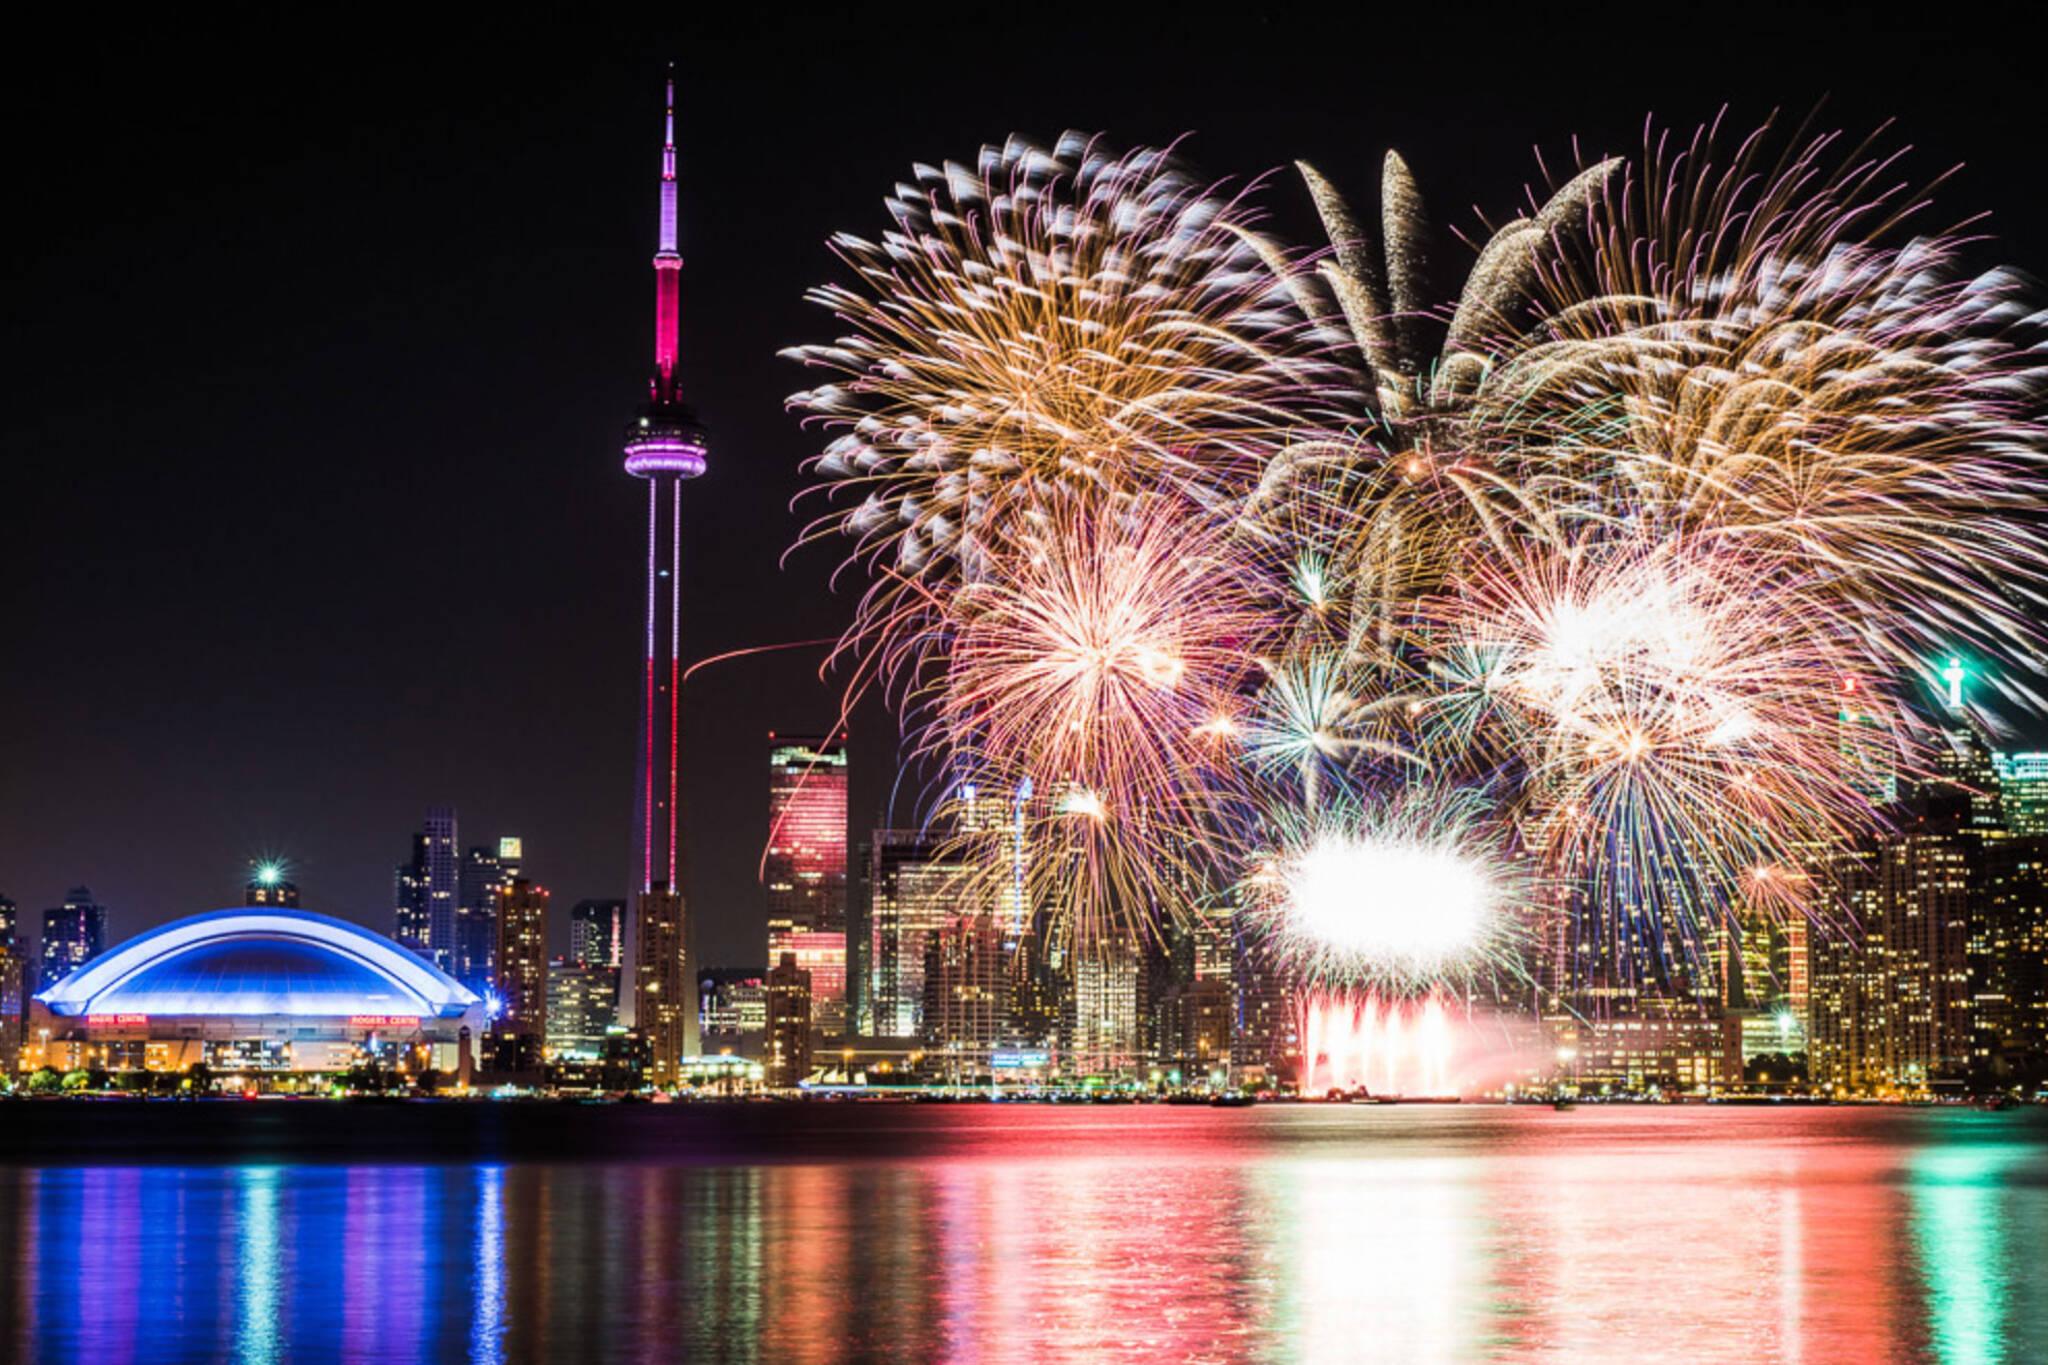 fireworks canada day 2021 toronto